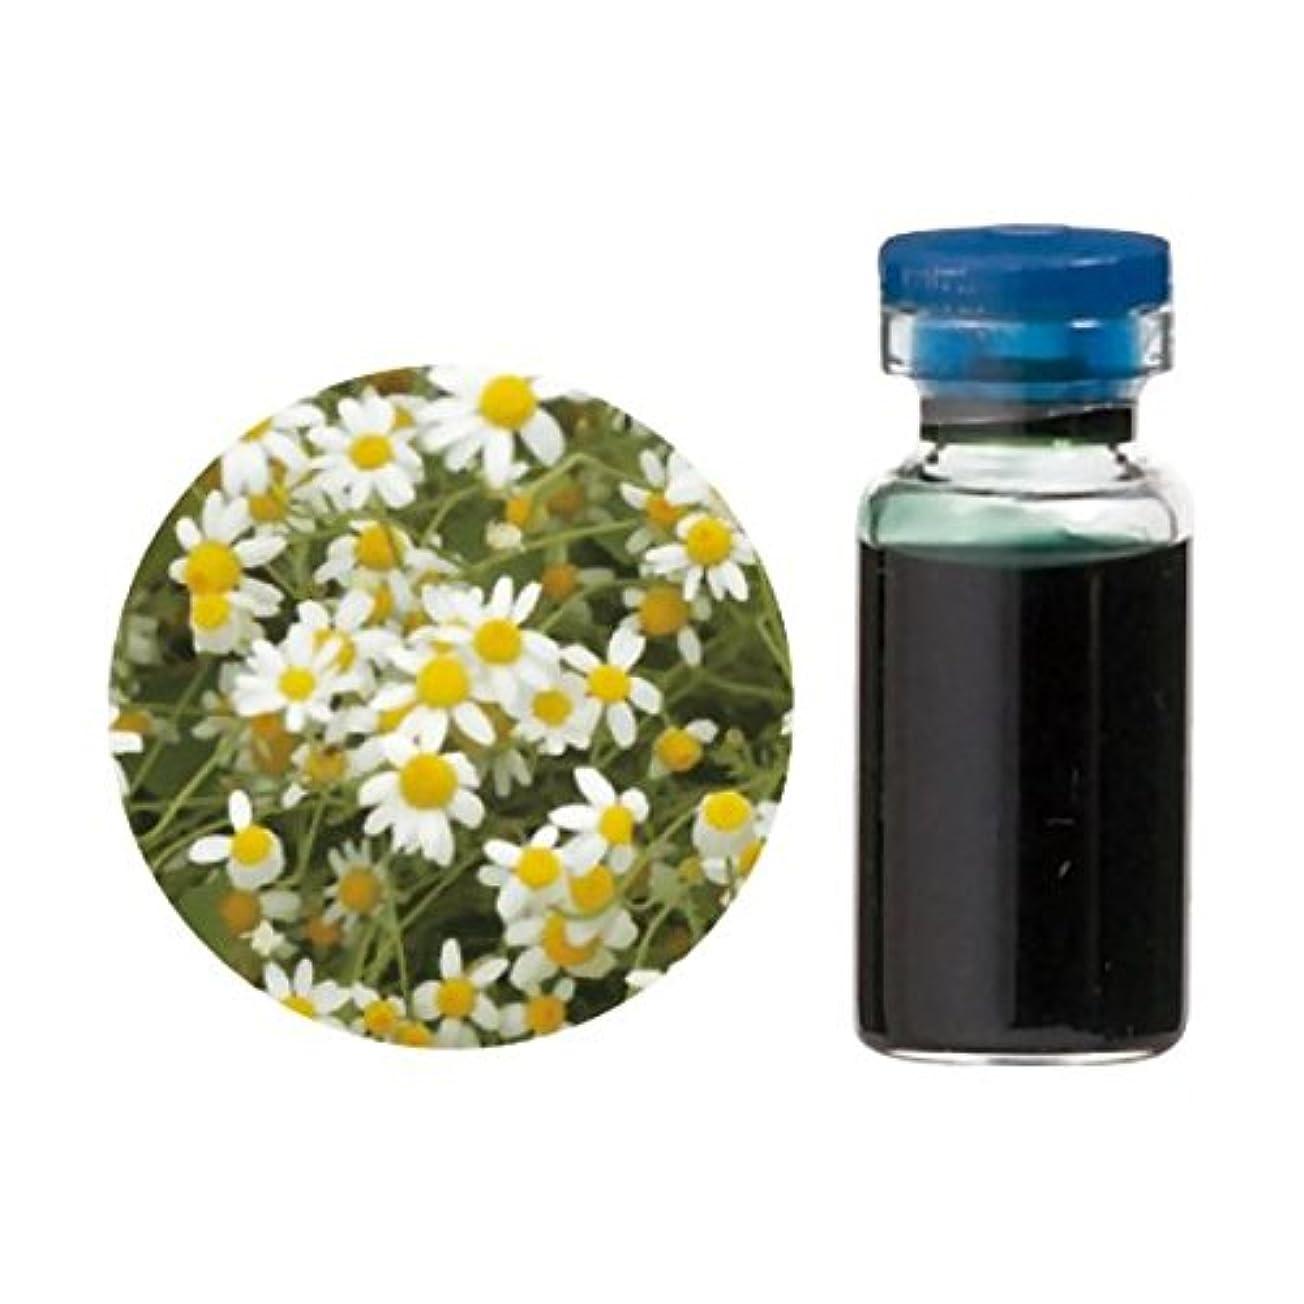 パンツ素晴らしい良い多くの頑張る生活の木 Herbal Life レアバリューオイル カモマイル?ジャーマン(カモミール?ジャーマン) 1ml 2セット